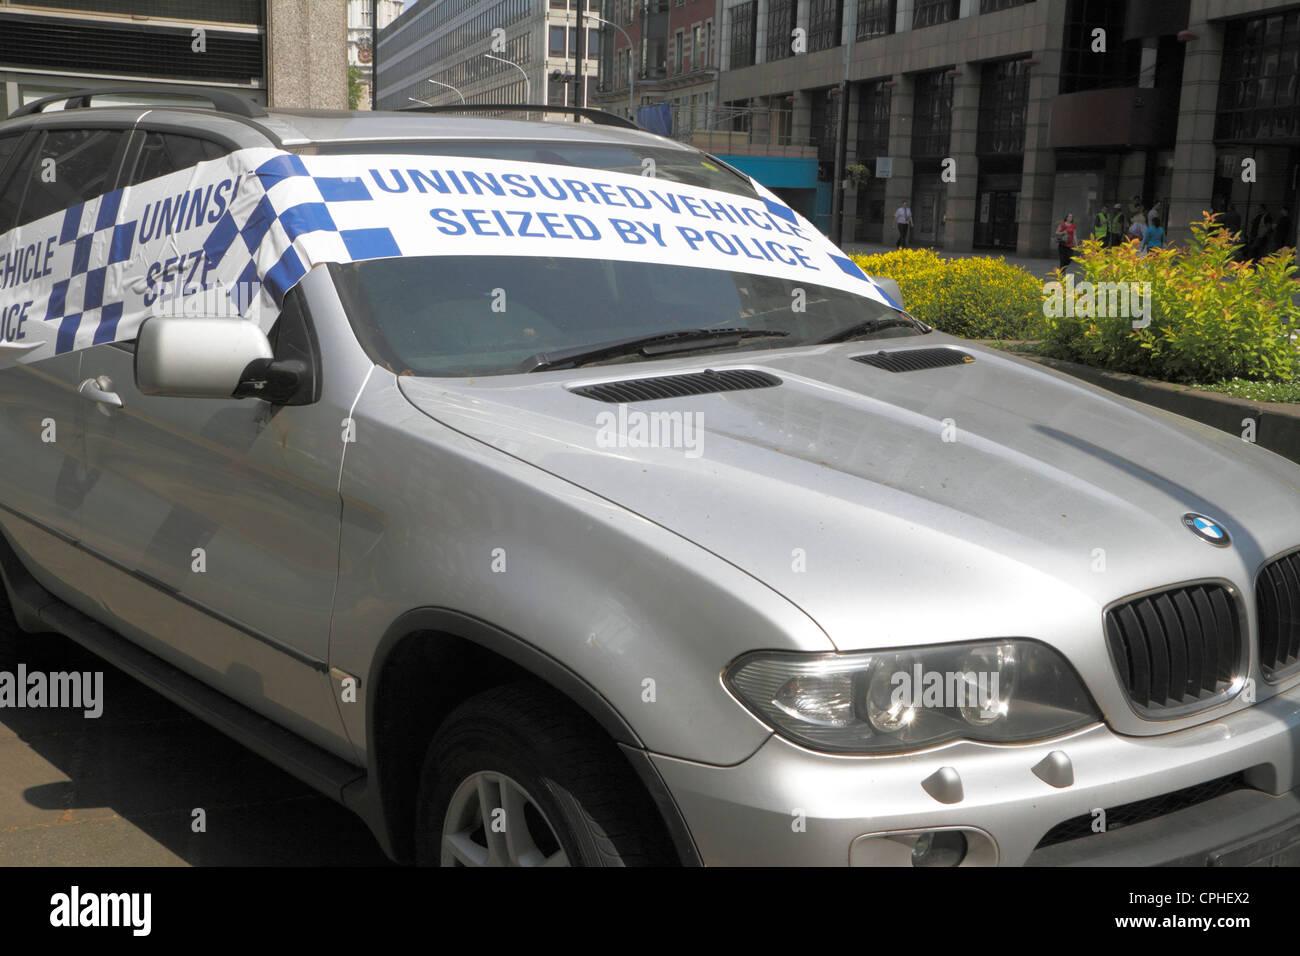 Seized, uninsured vehicle, London, Uk - Stock Image